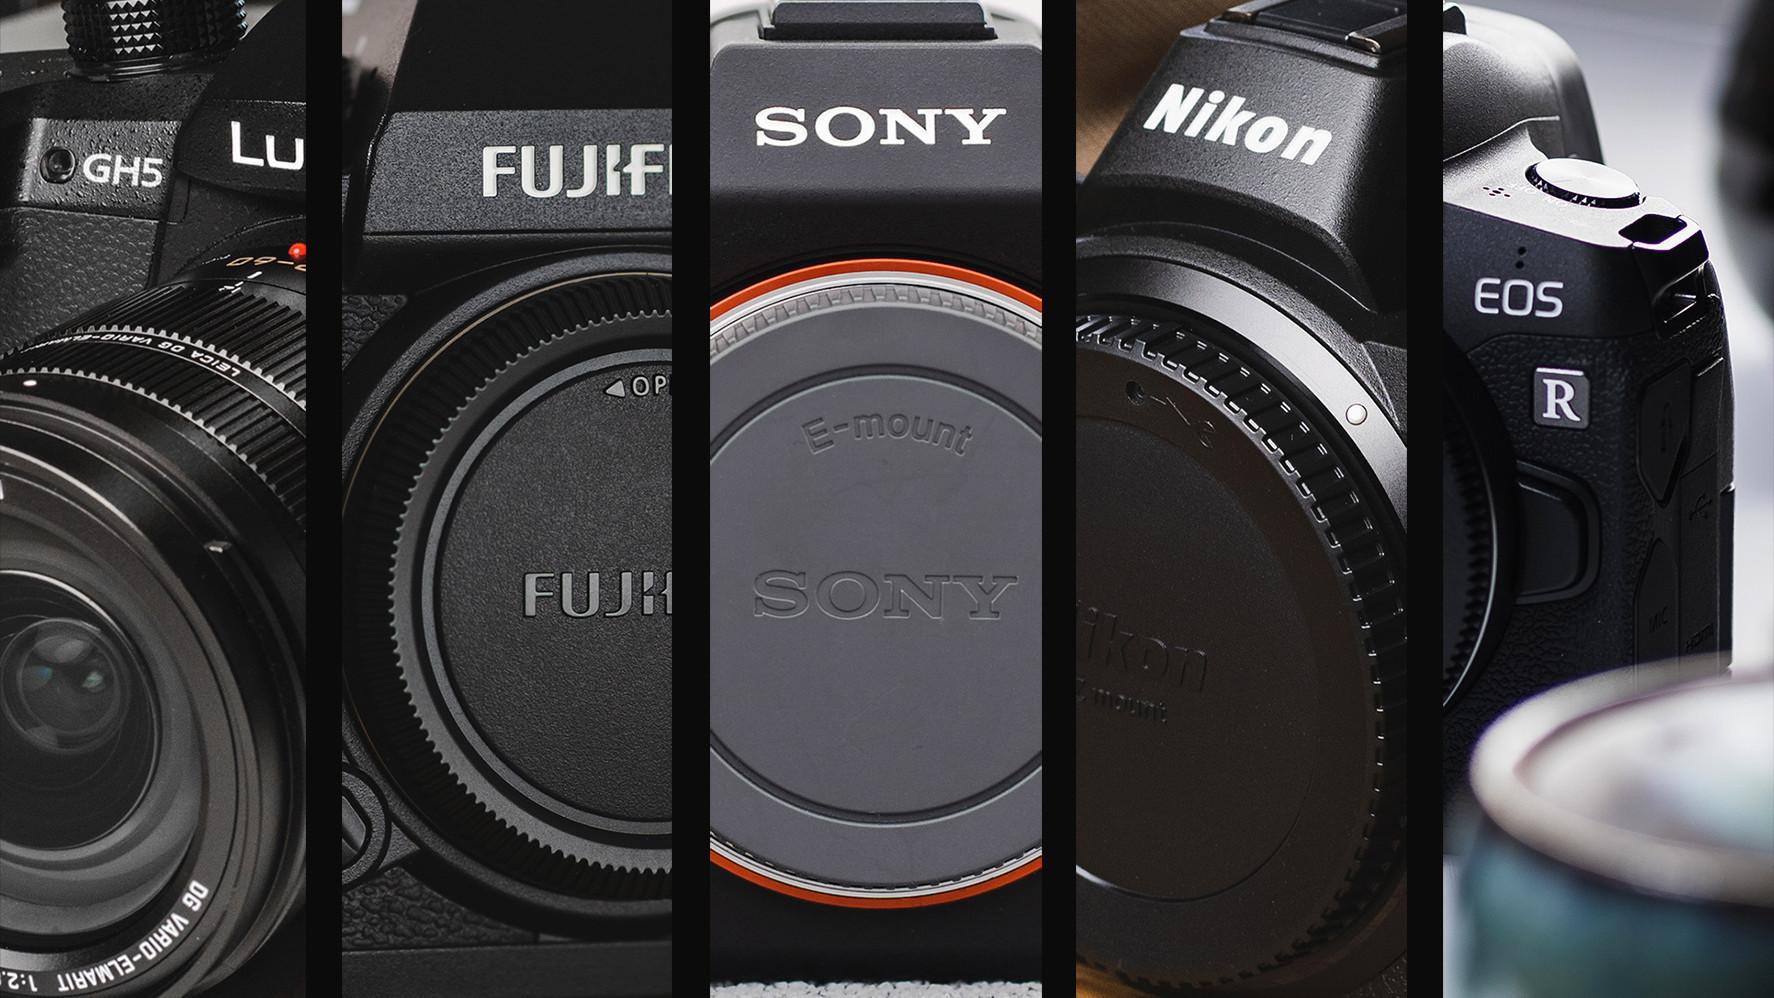 Рейтинг лучших видеокамер 2020 44 фото обзор недорогих камер самые дорогие камеры для съемки видео